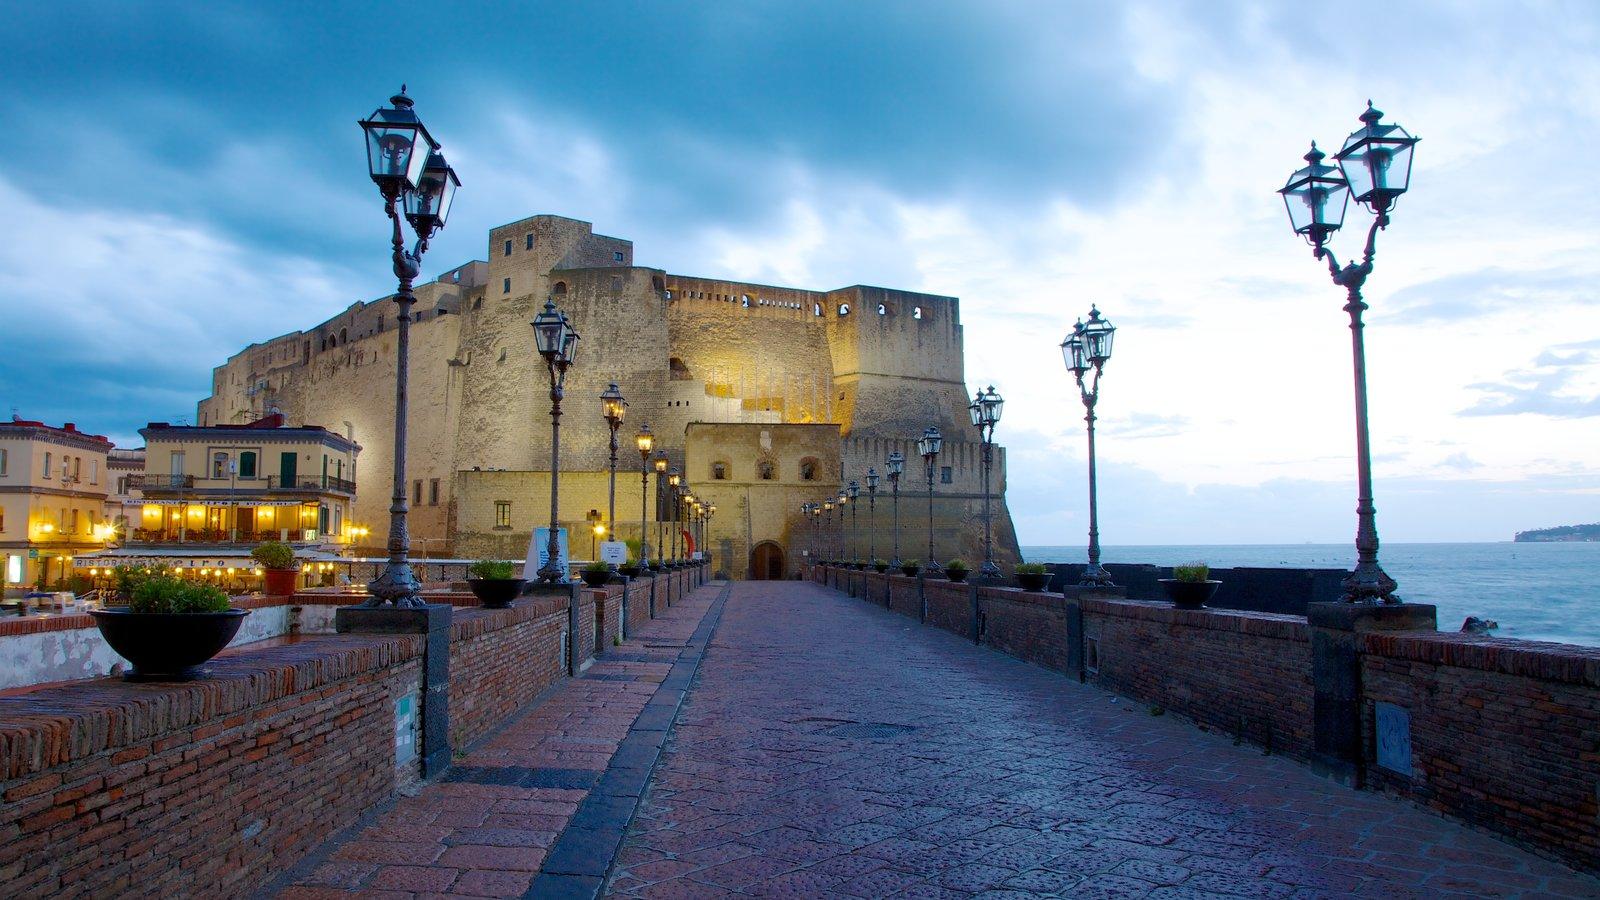 Castel dell\'Ovo caracterizando elementos de patrimônio, paisagens litorâneas e um castelo